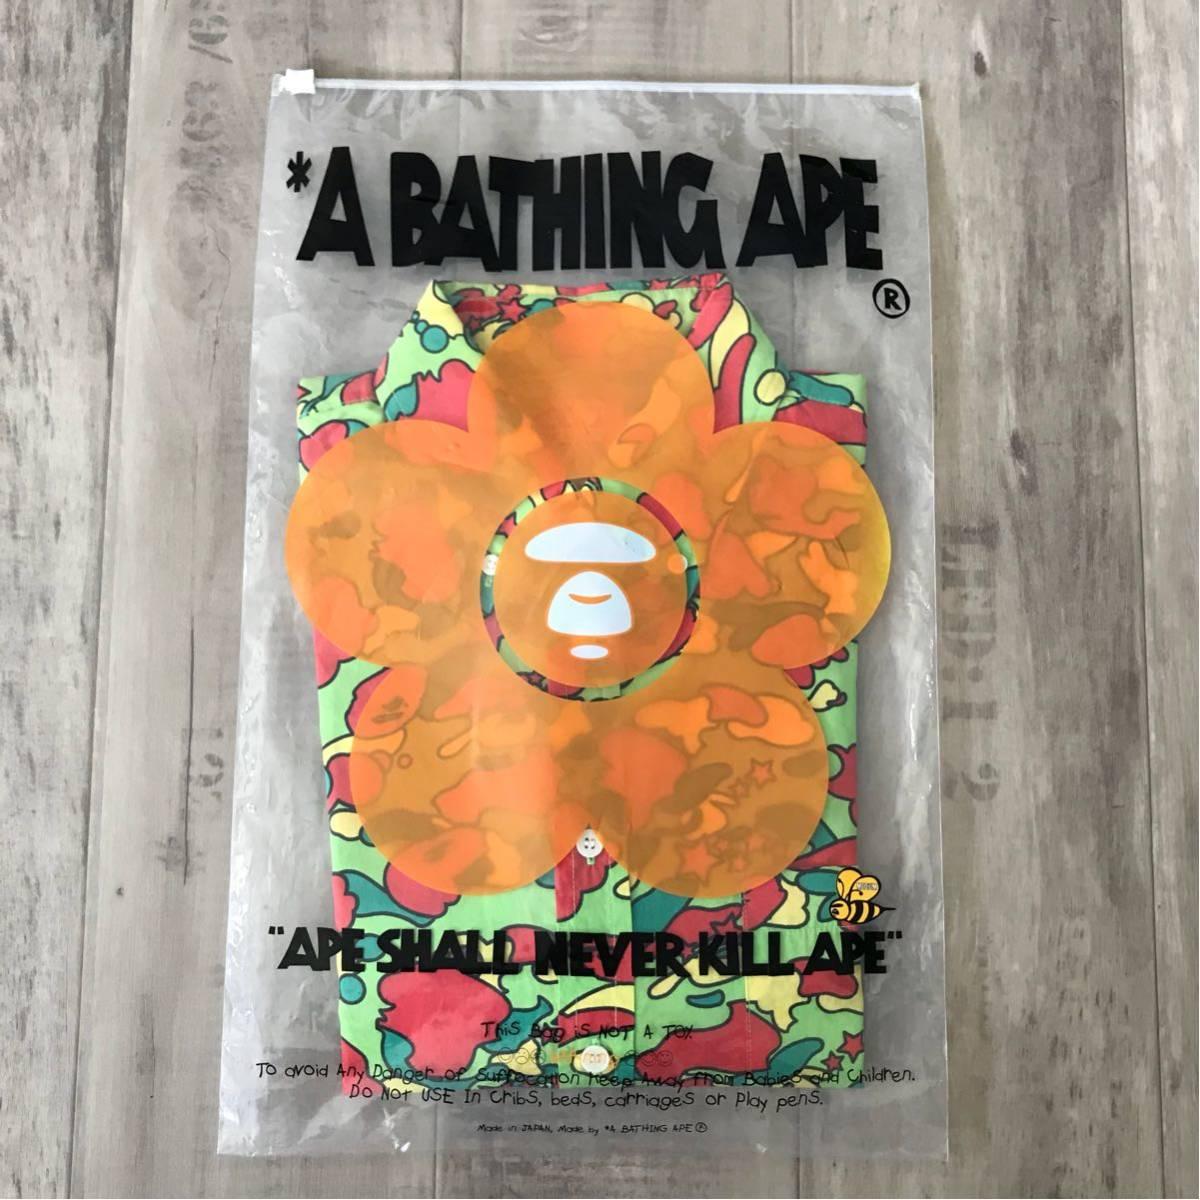 ★激レア★ psyche camo BD 長袖シャツ Mサイズ a bathing ape bape サイケ サイケカモ エイプ ベイプ アベイシングエイプ pharrell kanye